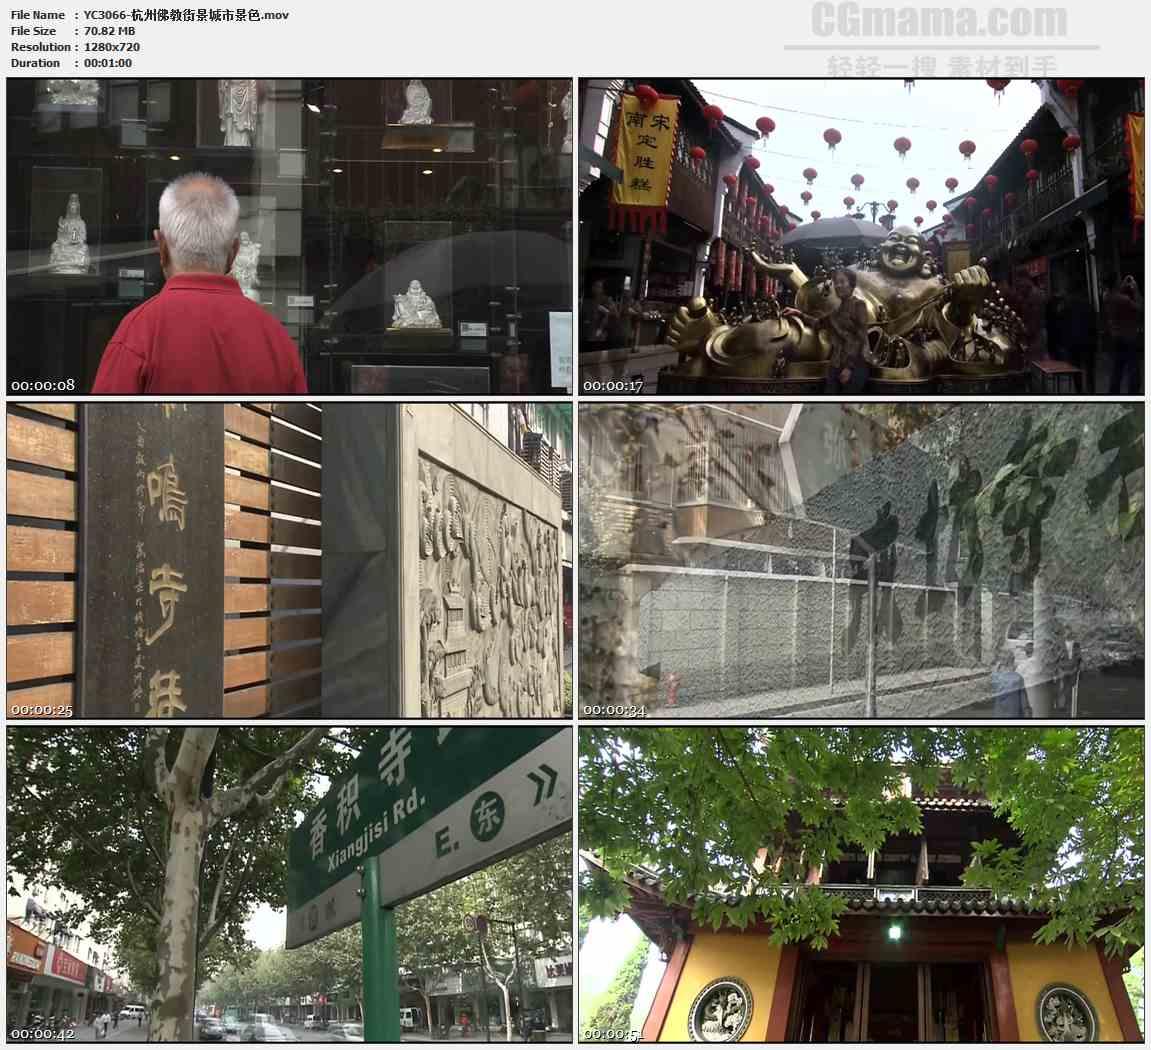 YC3066-杭州佛教街景城市景色高清实拍视频素材